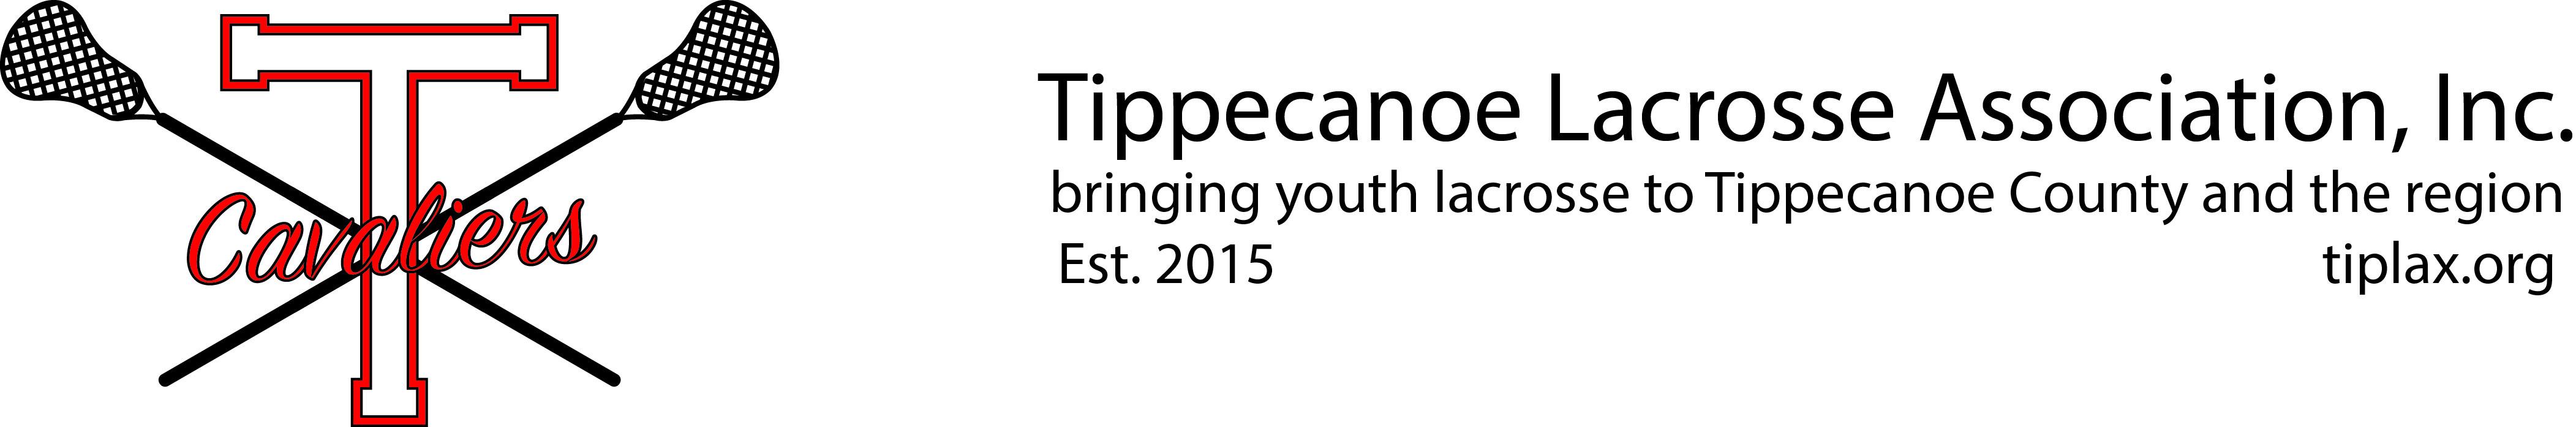 Tippecanoe Lacrosse Assoc., Lacrosse, Goal, Field